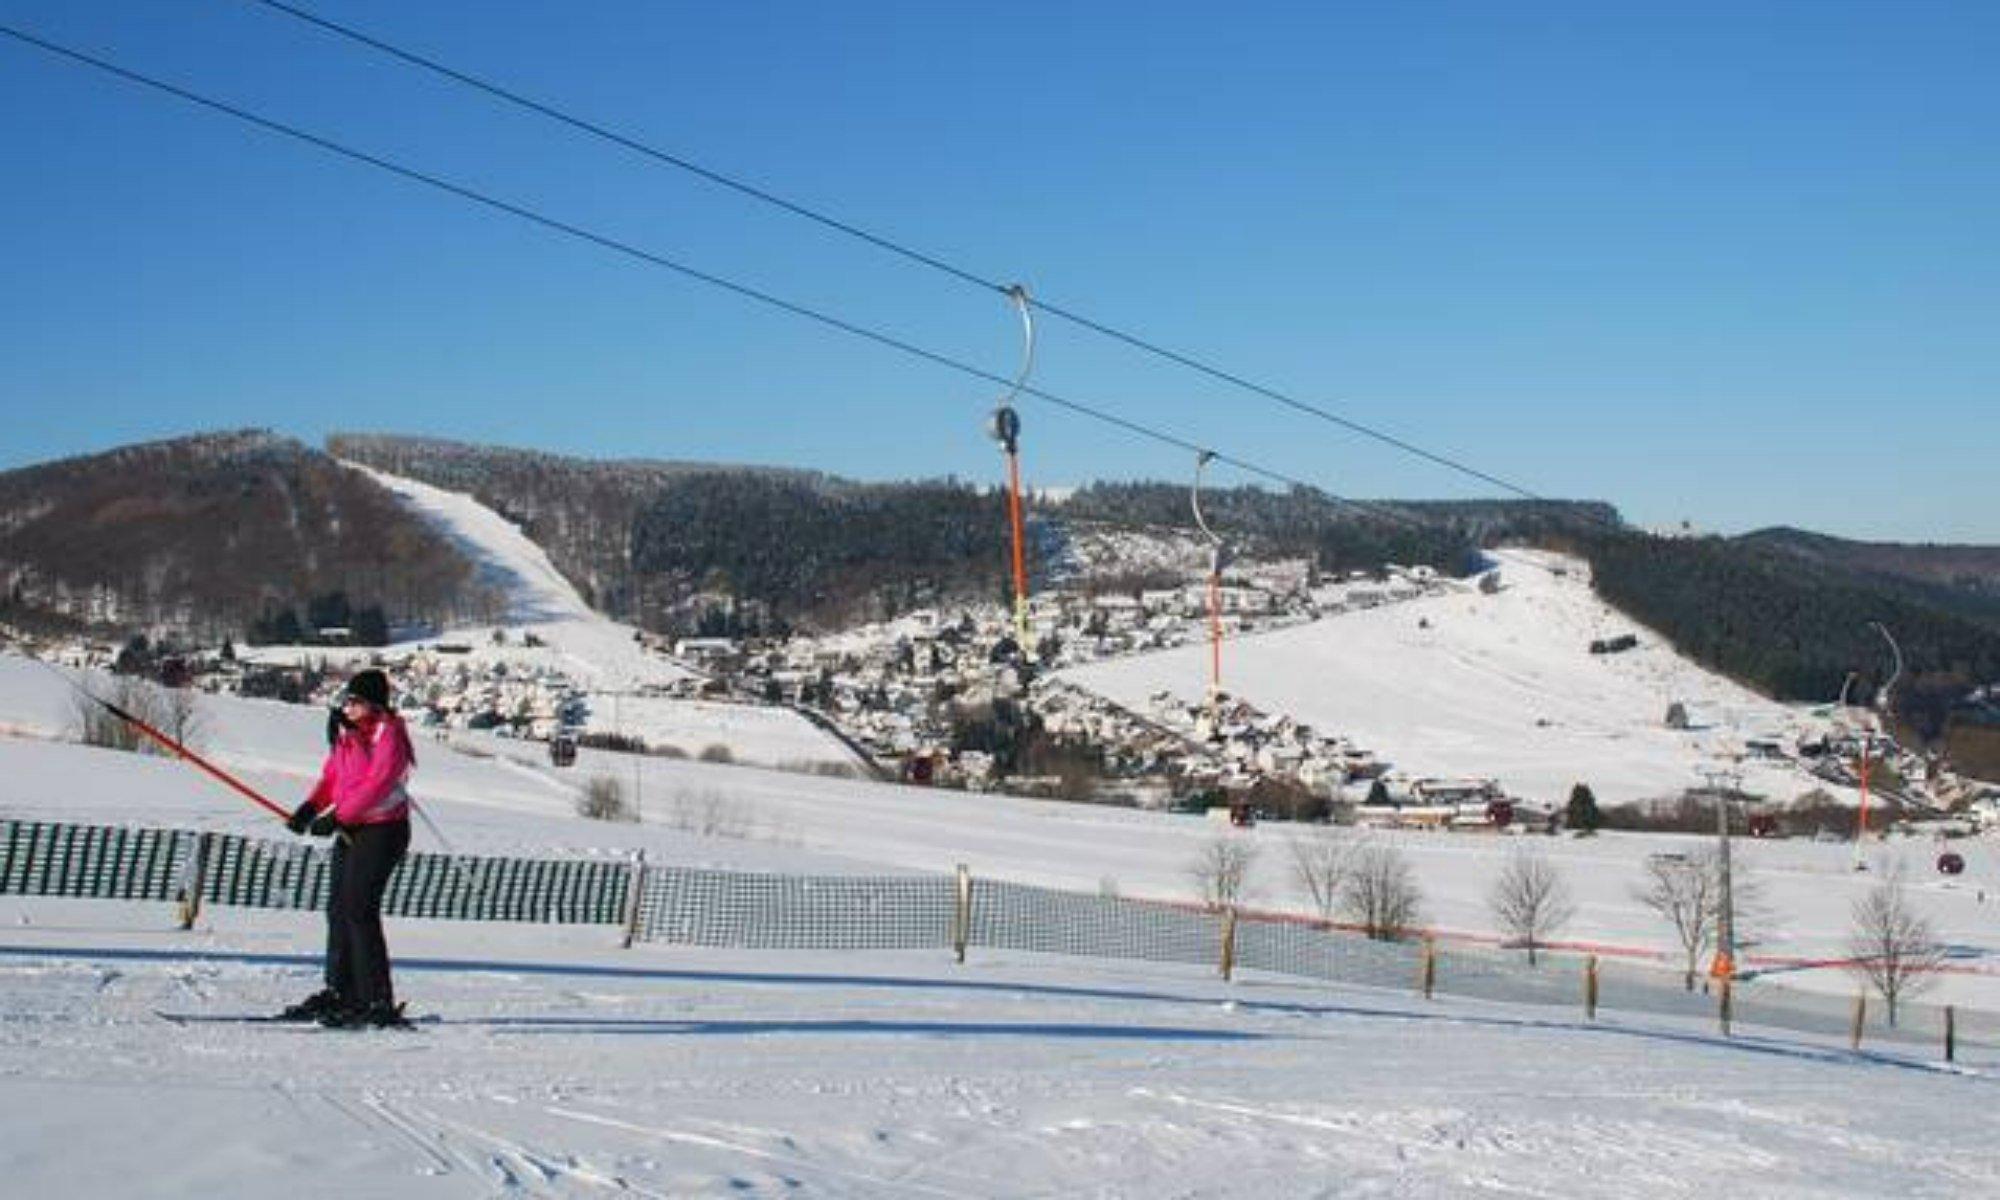 Skifahrerin am Schlepplift im Skigebiet Willingen.